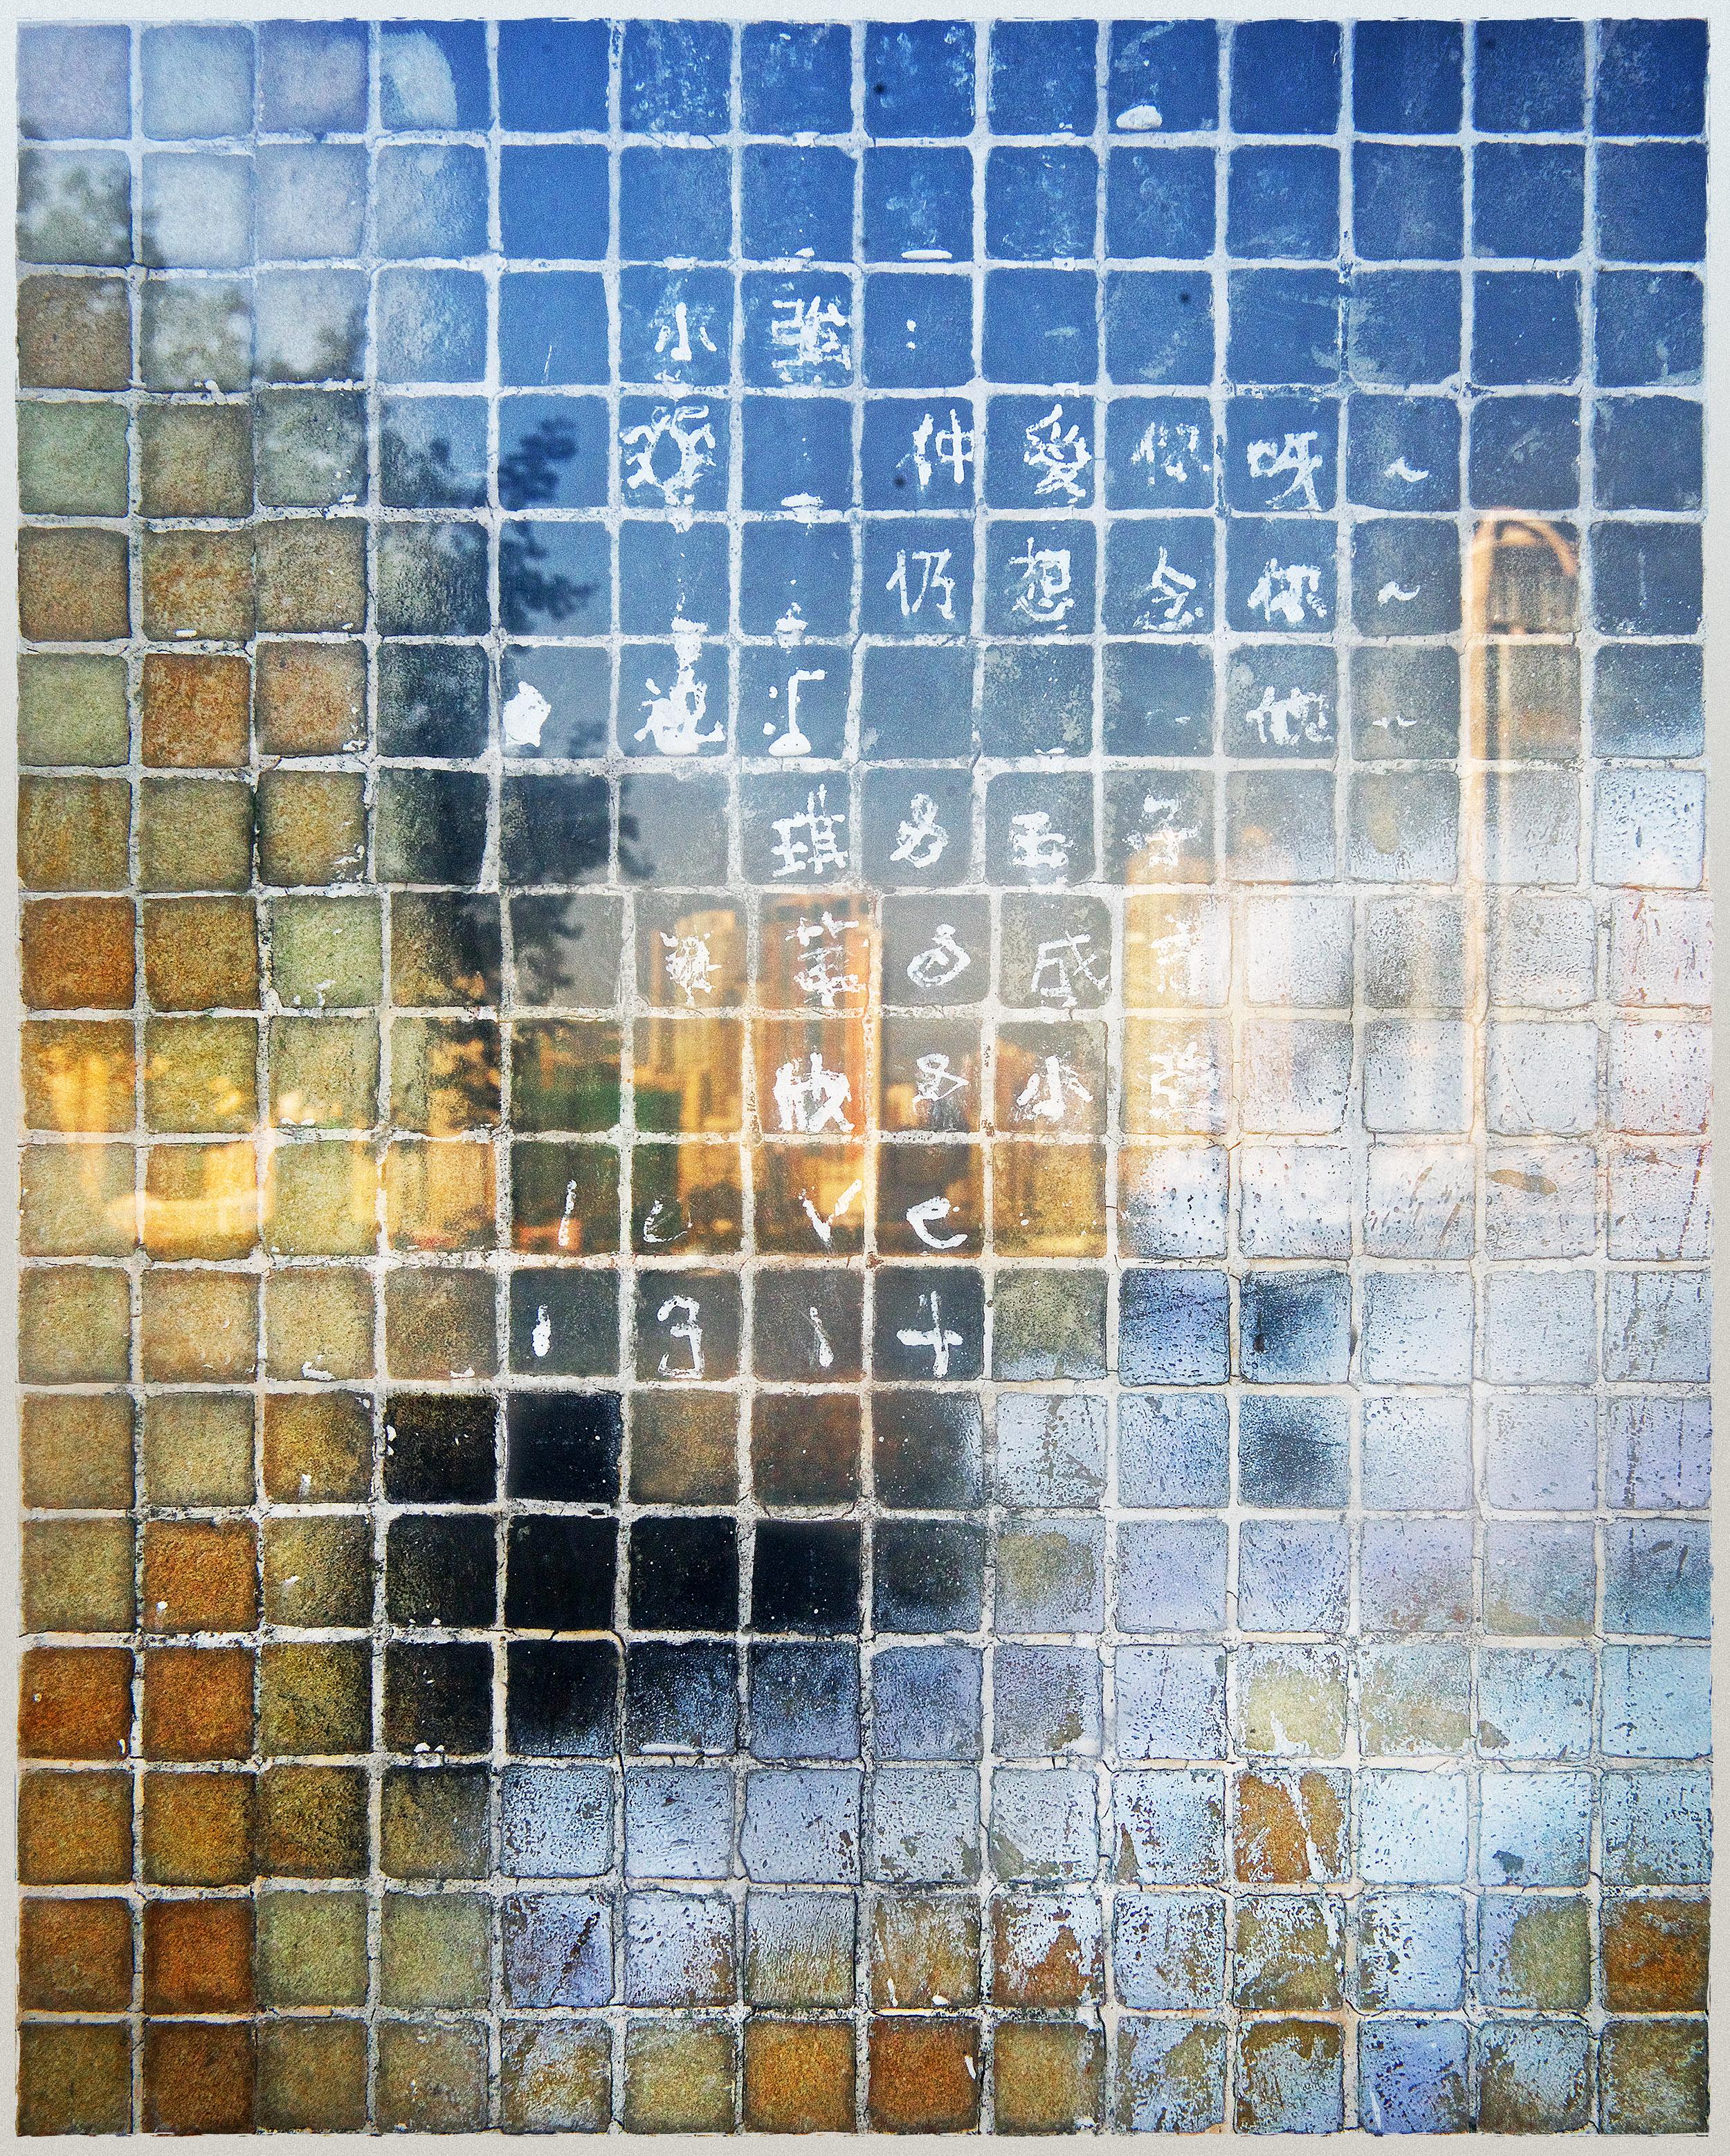 Marcel Heijnen, Bitmap 01, Hong Kong, 2013